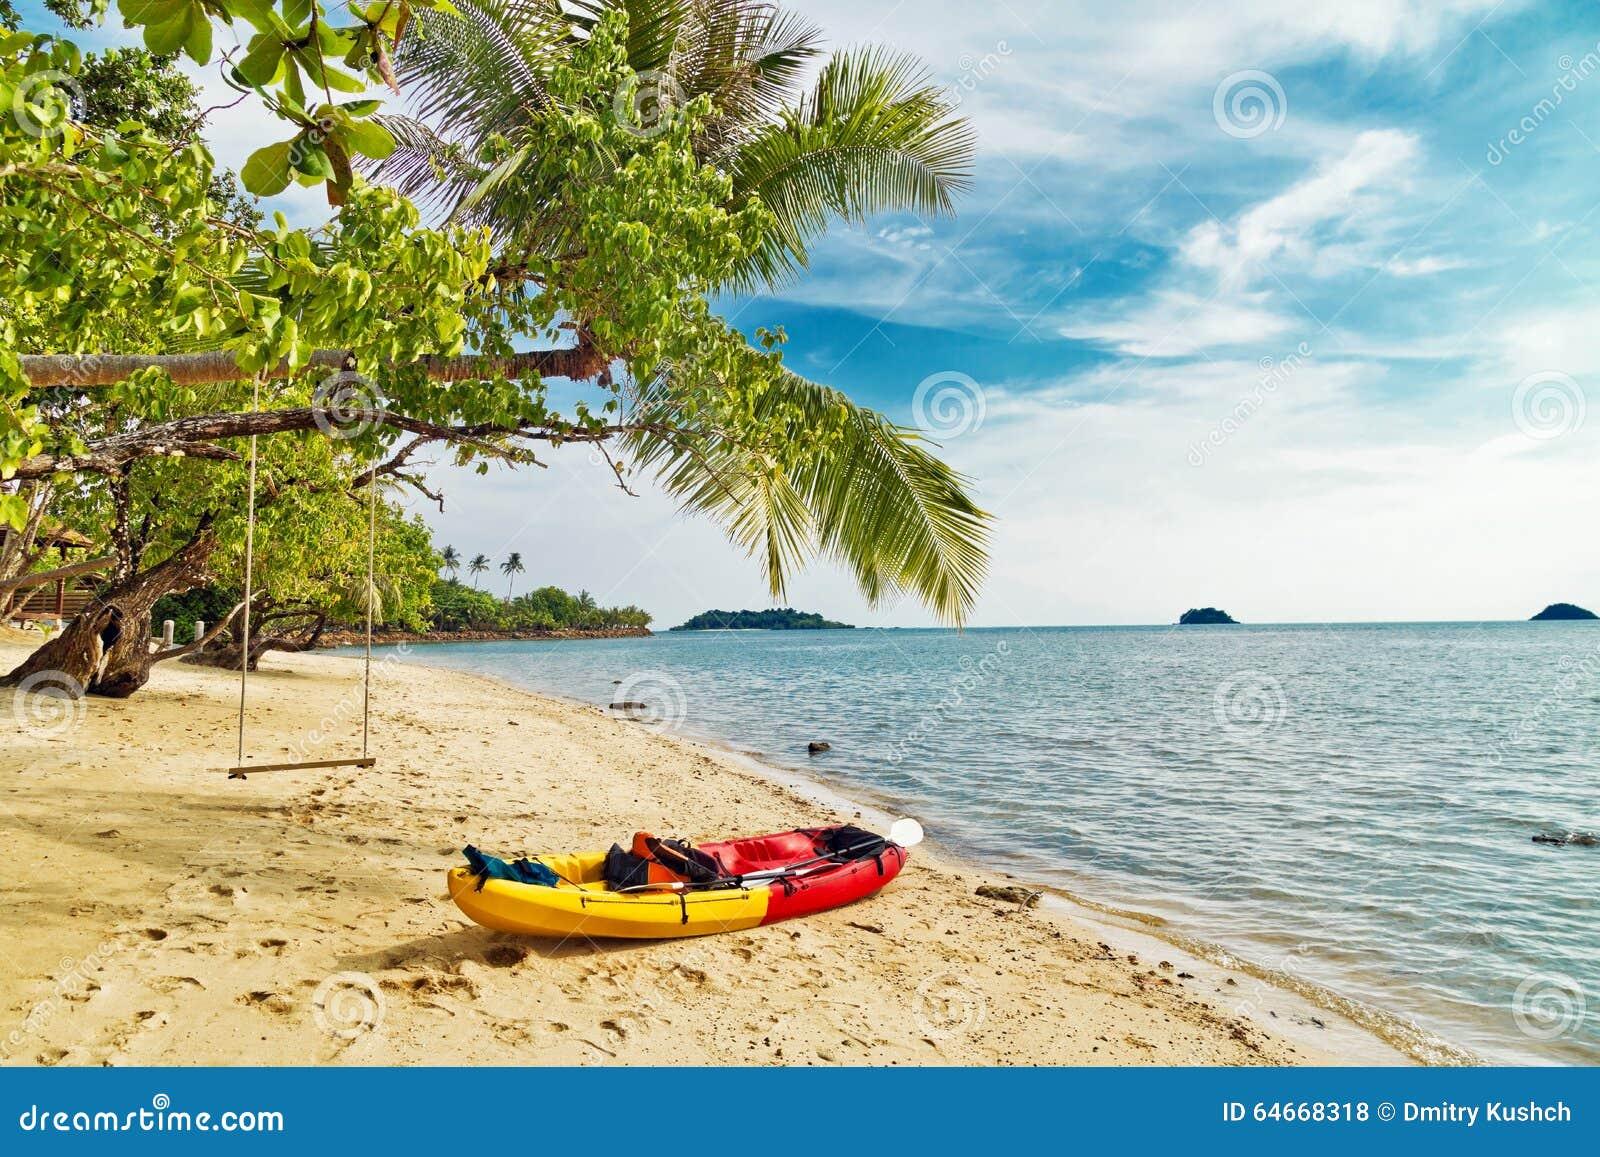 Kajak am tropischen Strand